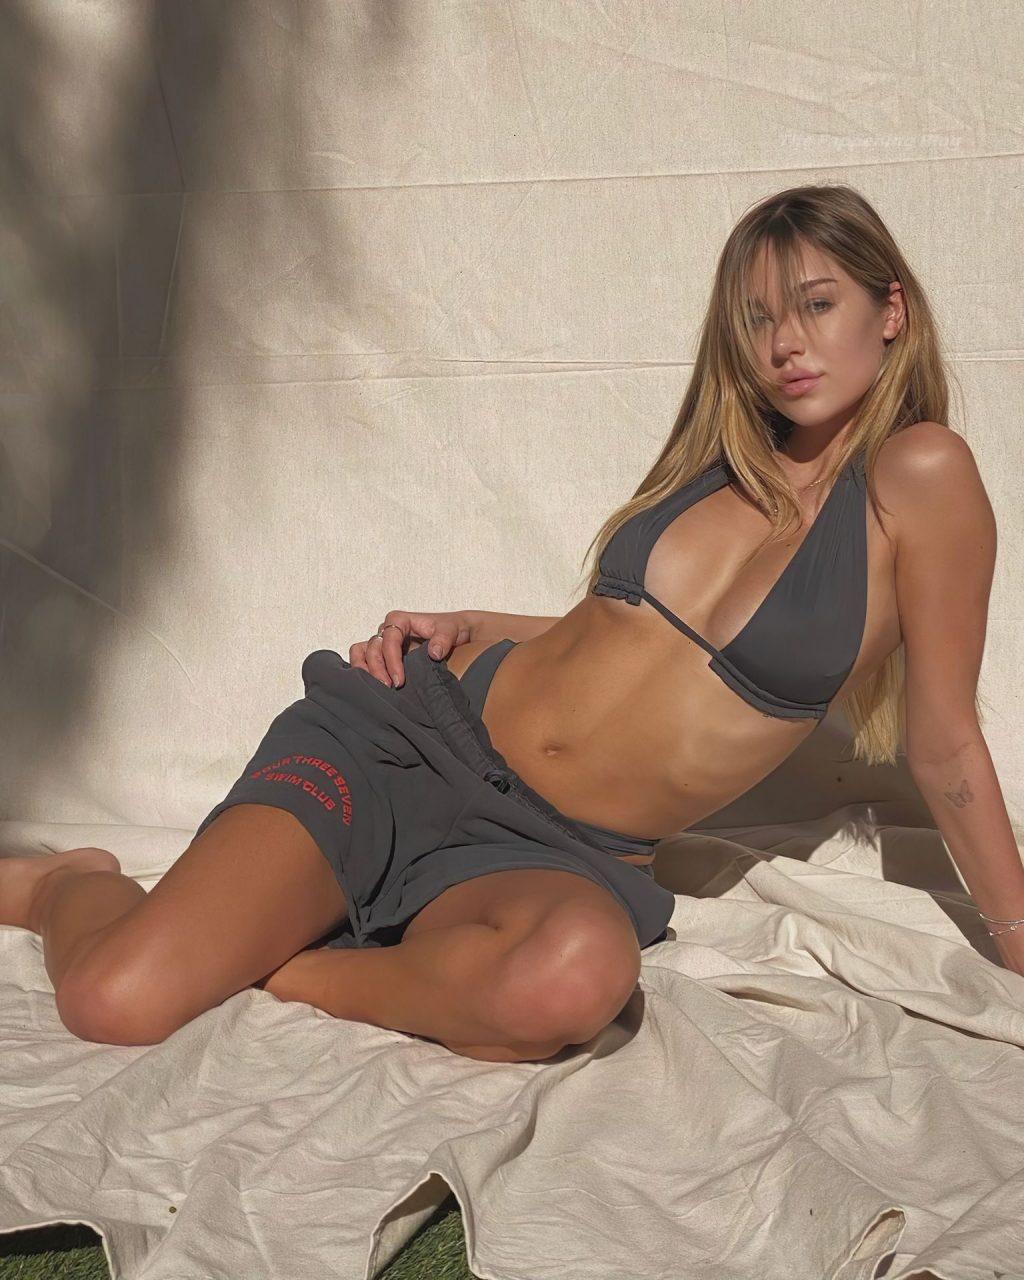 Delilah Belle Hamlin Sexy (5 Photos)